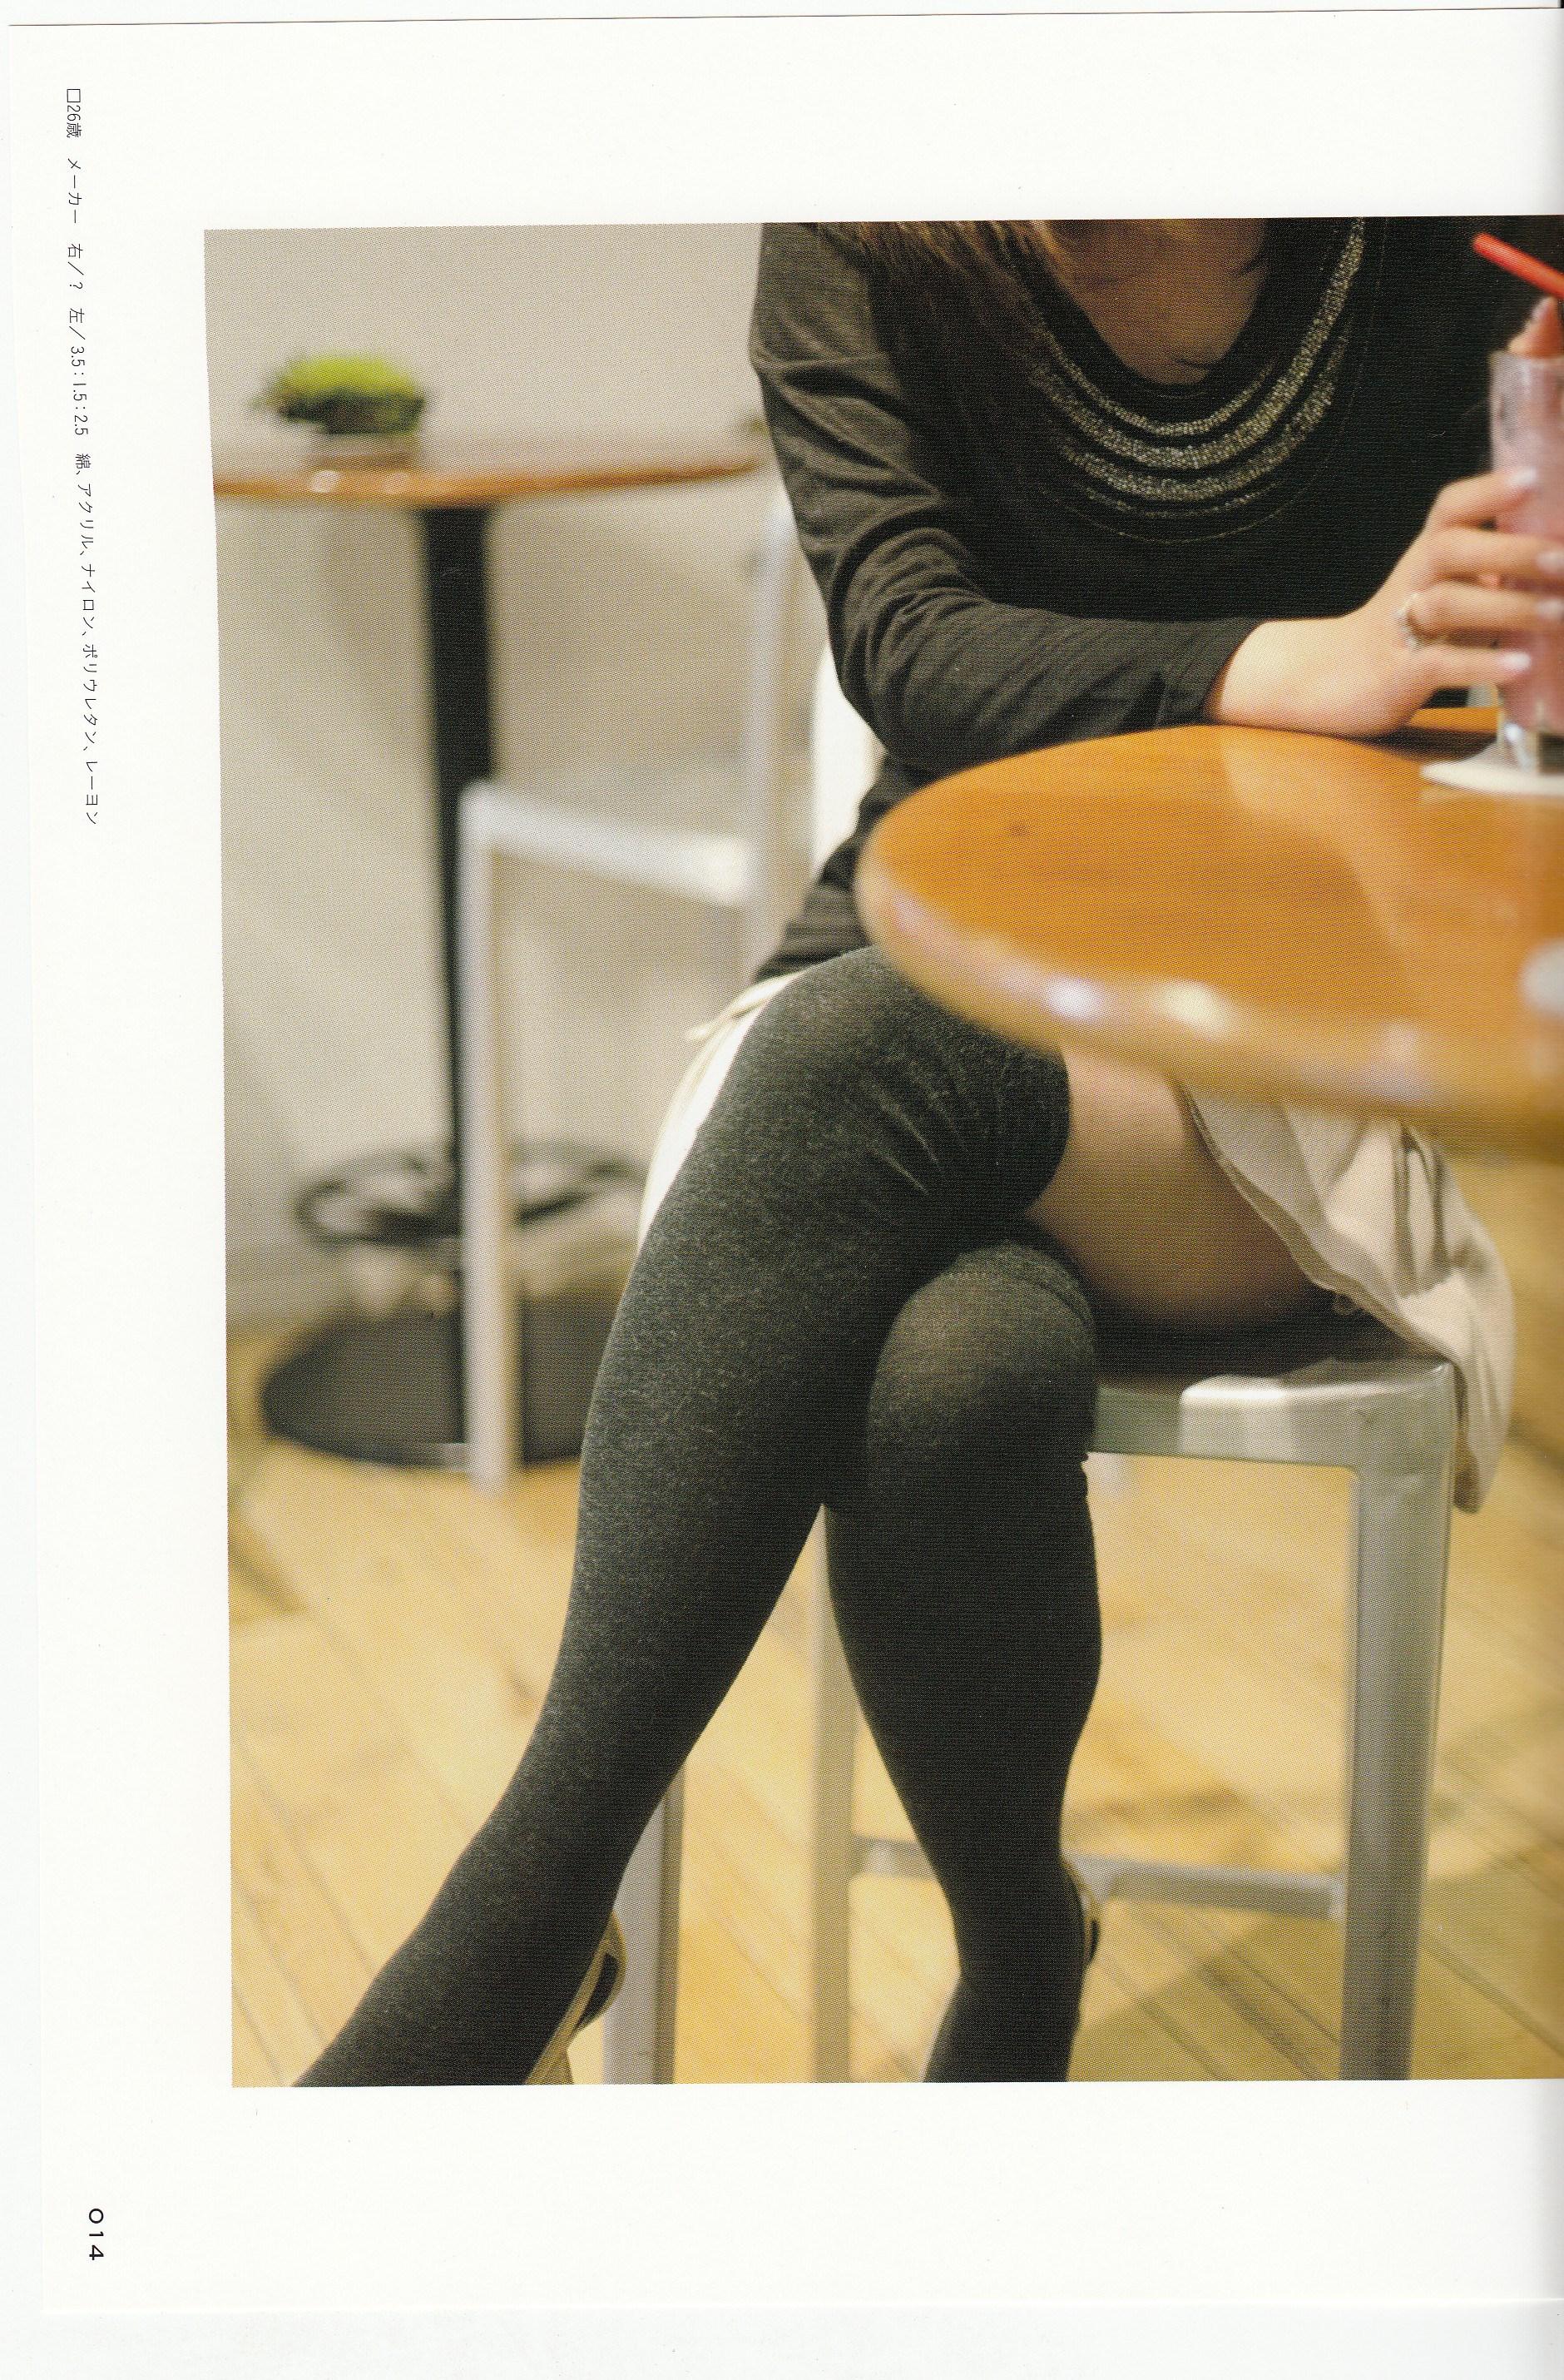 【兔玩映画】新鲜的美少女大腿 兔玩映画 第10张